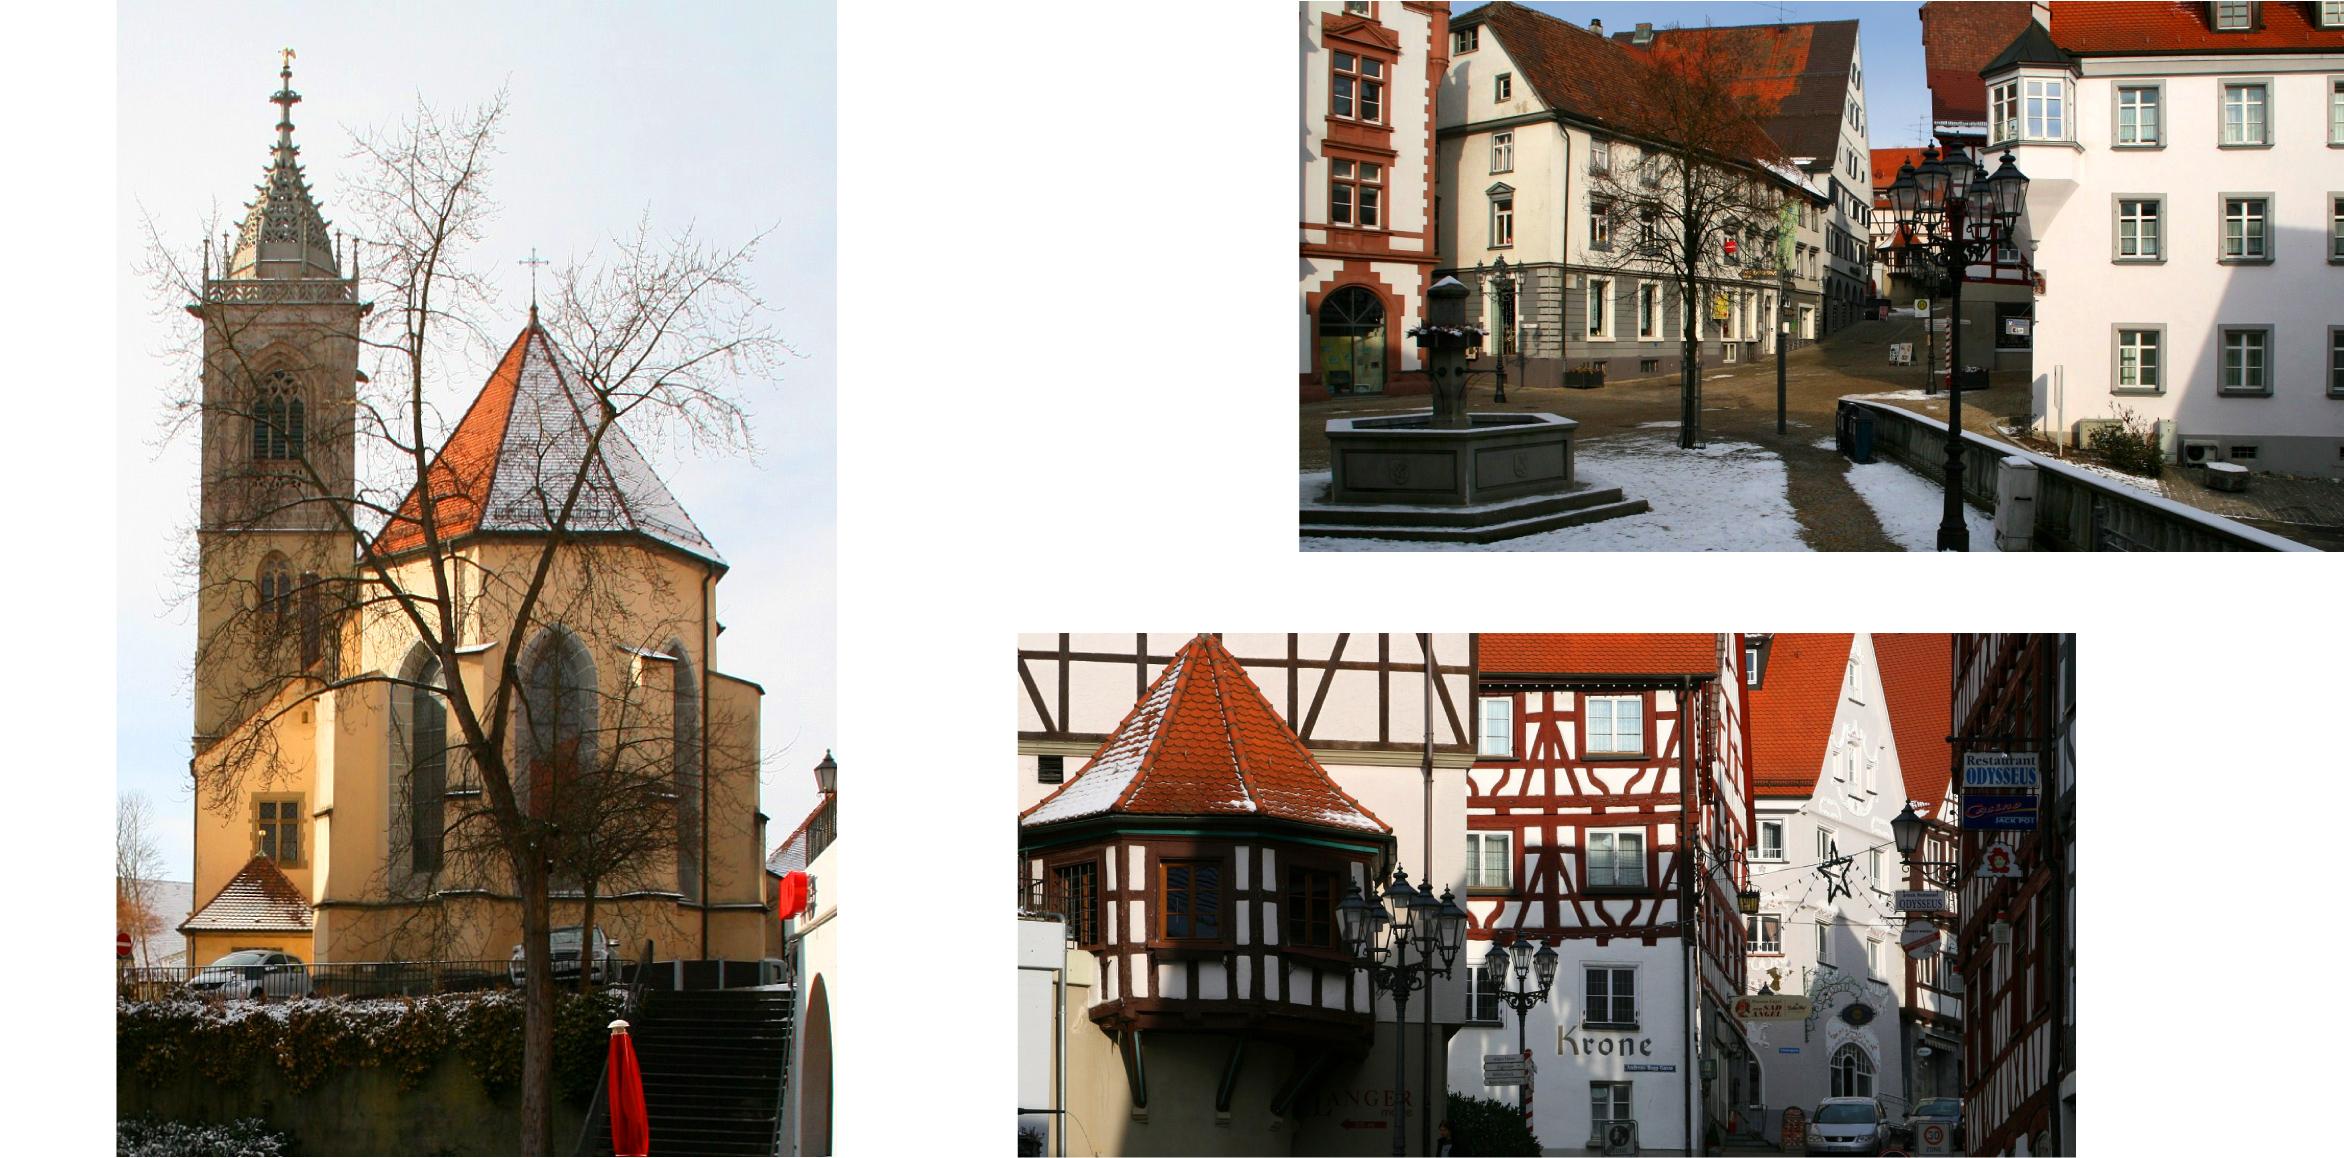 Ausgezeichnet 5 öffnungsrahmen Collage Zeitgenössisch ...